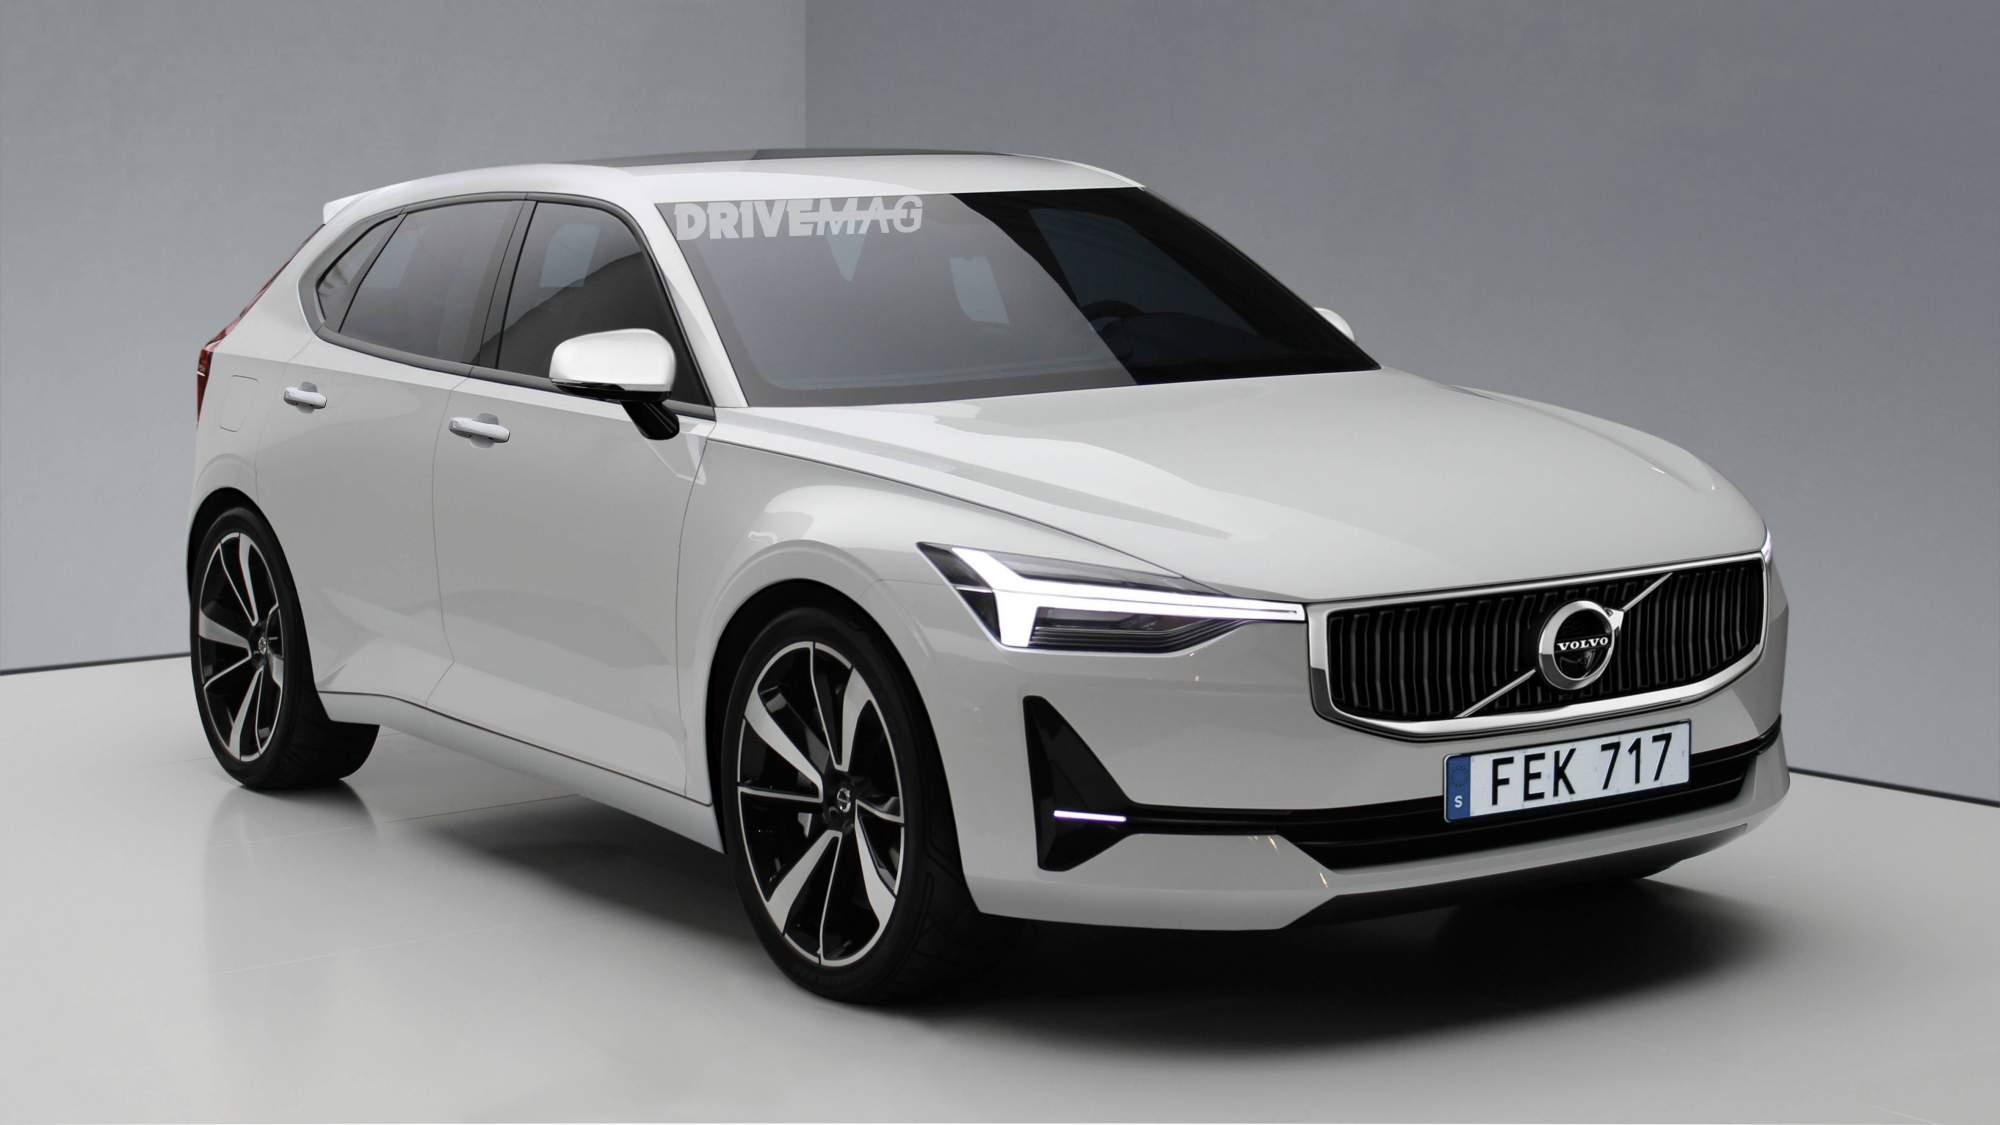 2018 - [Volvo] V40 II - Page 2 2019-Volvo-V40-rendering-0-4545